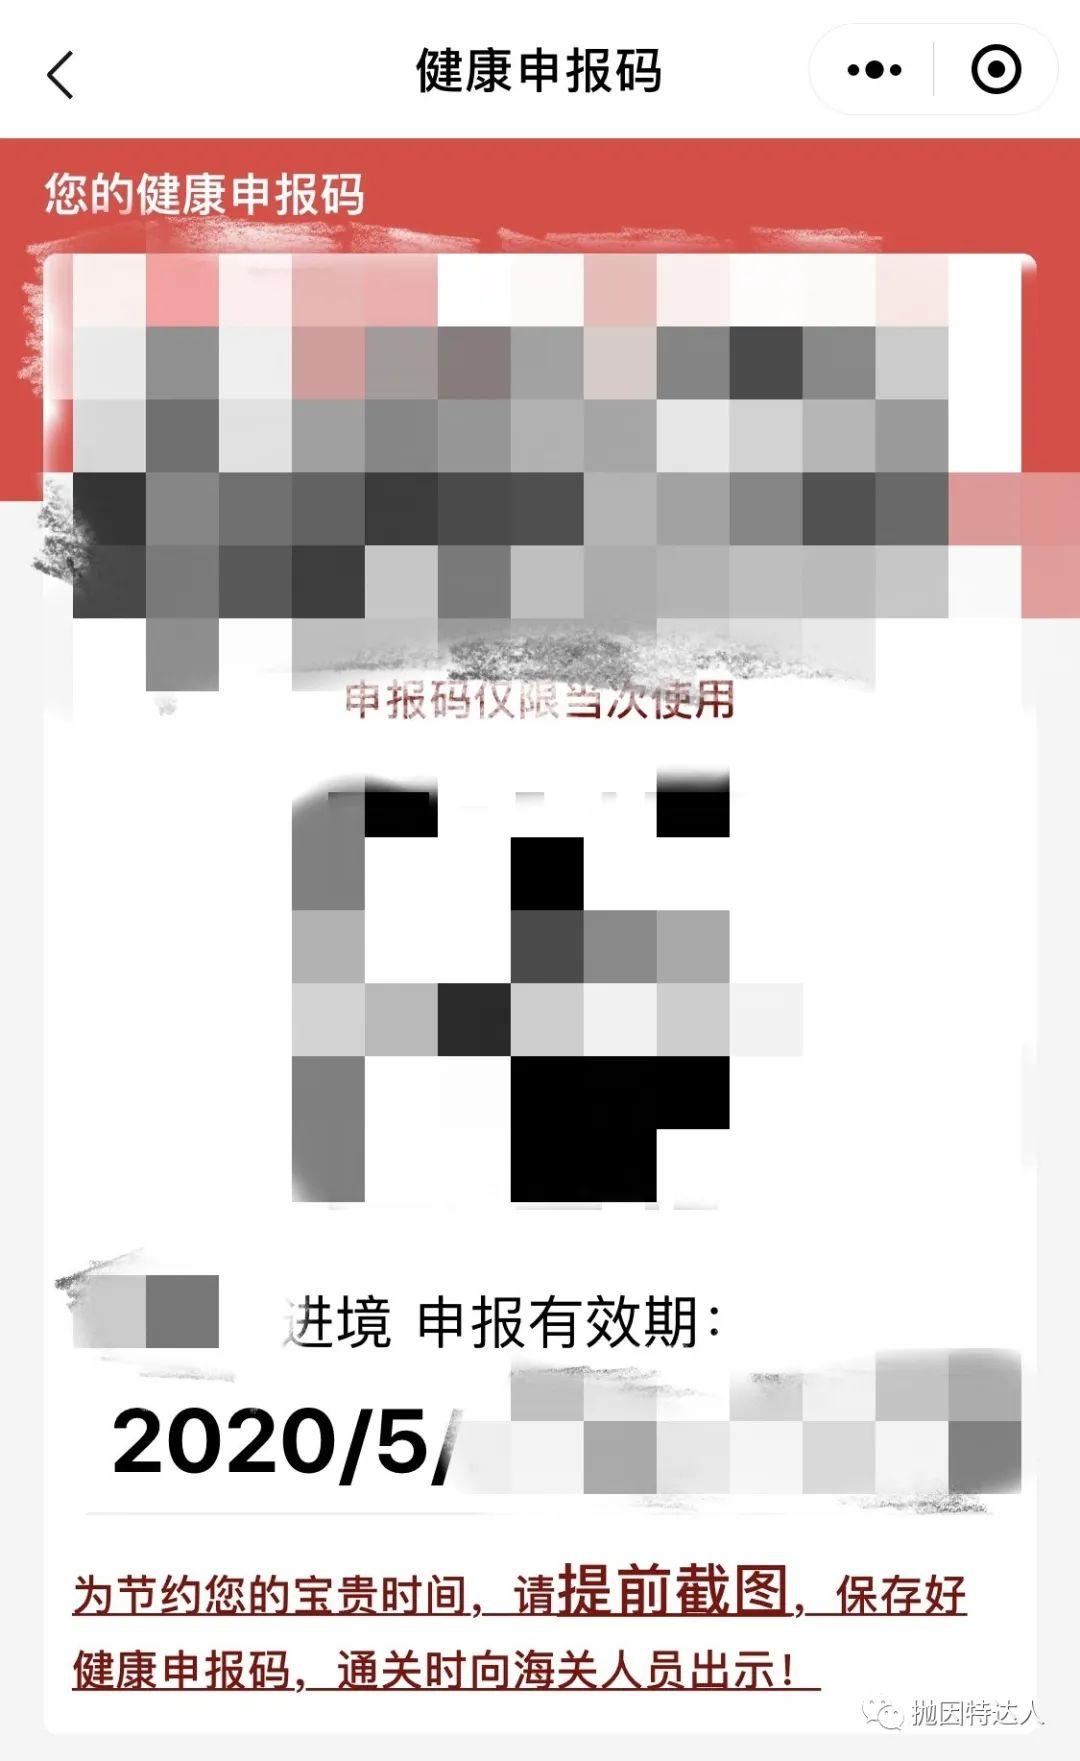 《疫情期间的回国之路 - 韩国仁川转机 & 沈阳隔离详细攻略》